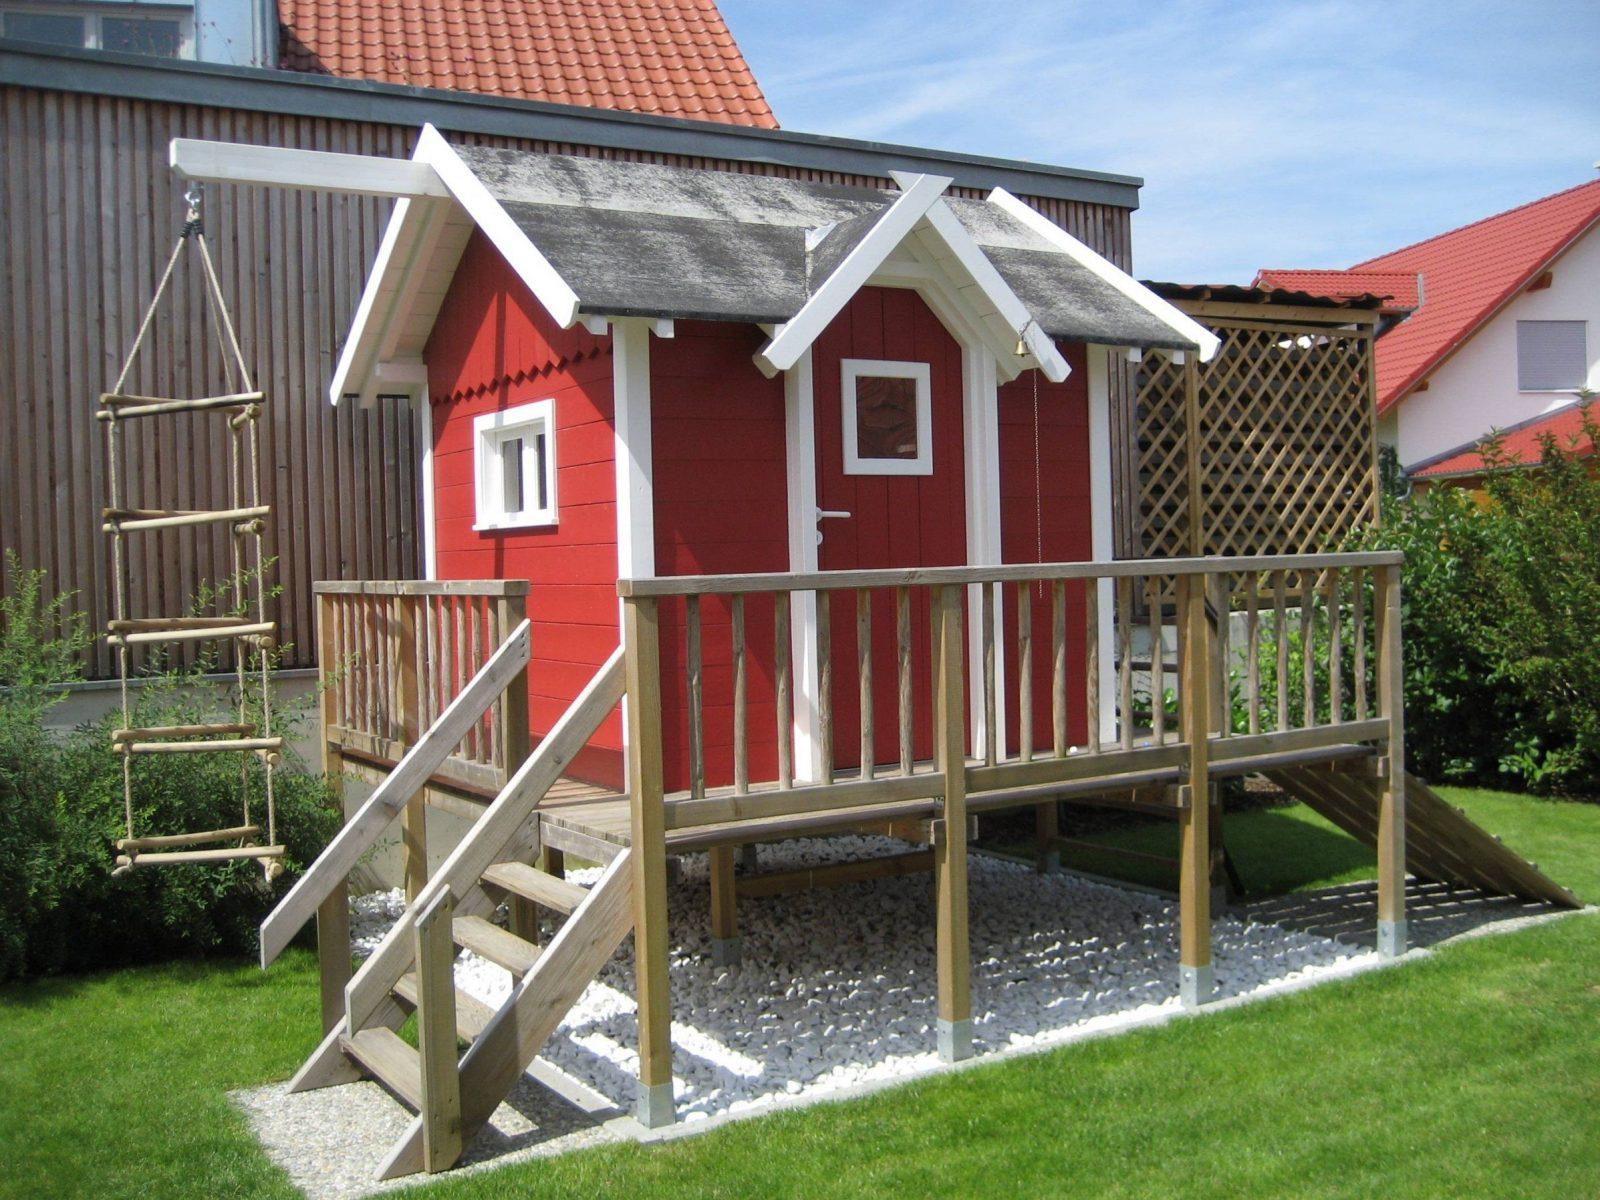 Wunderbar Kinder Holzhaus Selber Bauen Spielhaus Jochen Selber Bauen von Spielhaus Kinder Selber Bauen Photo